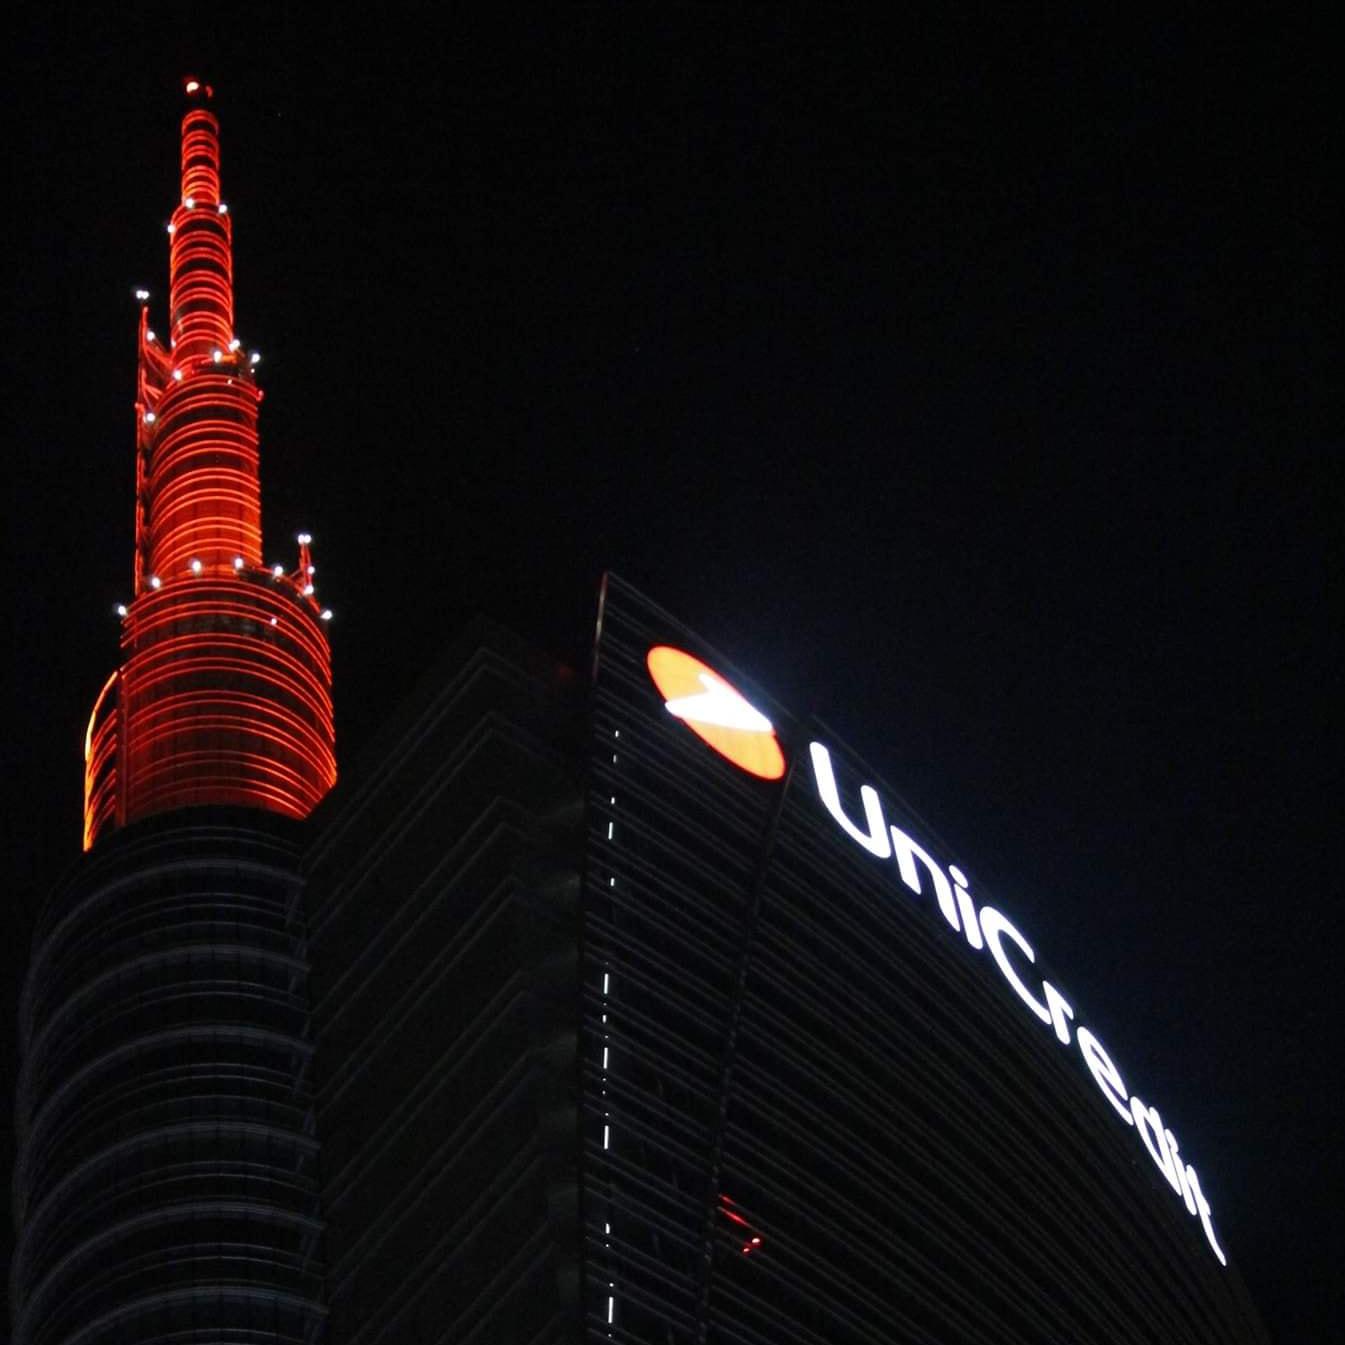 La guglia di Unicredit Tower tinta di rosso